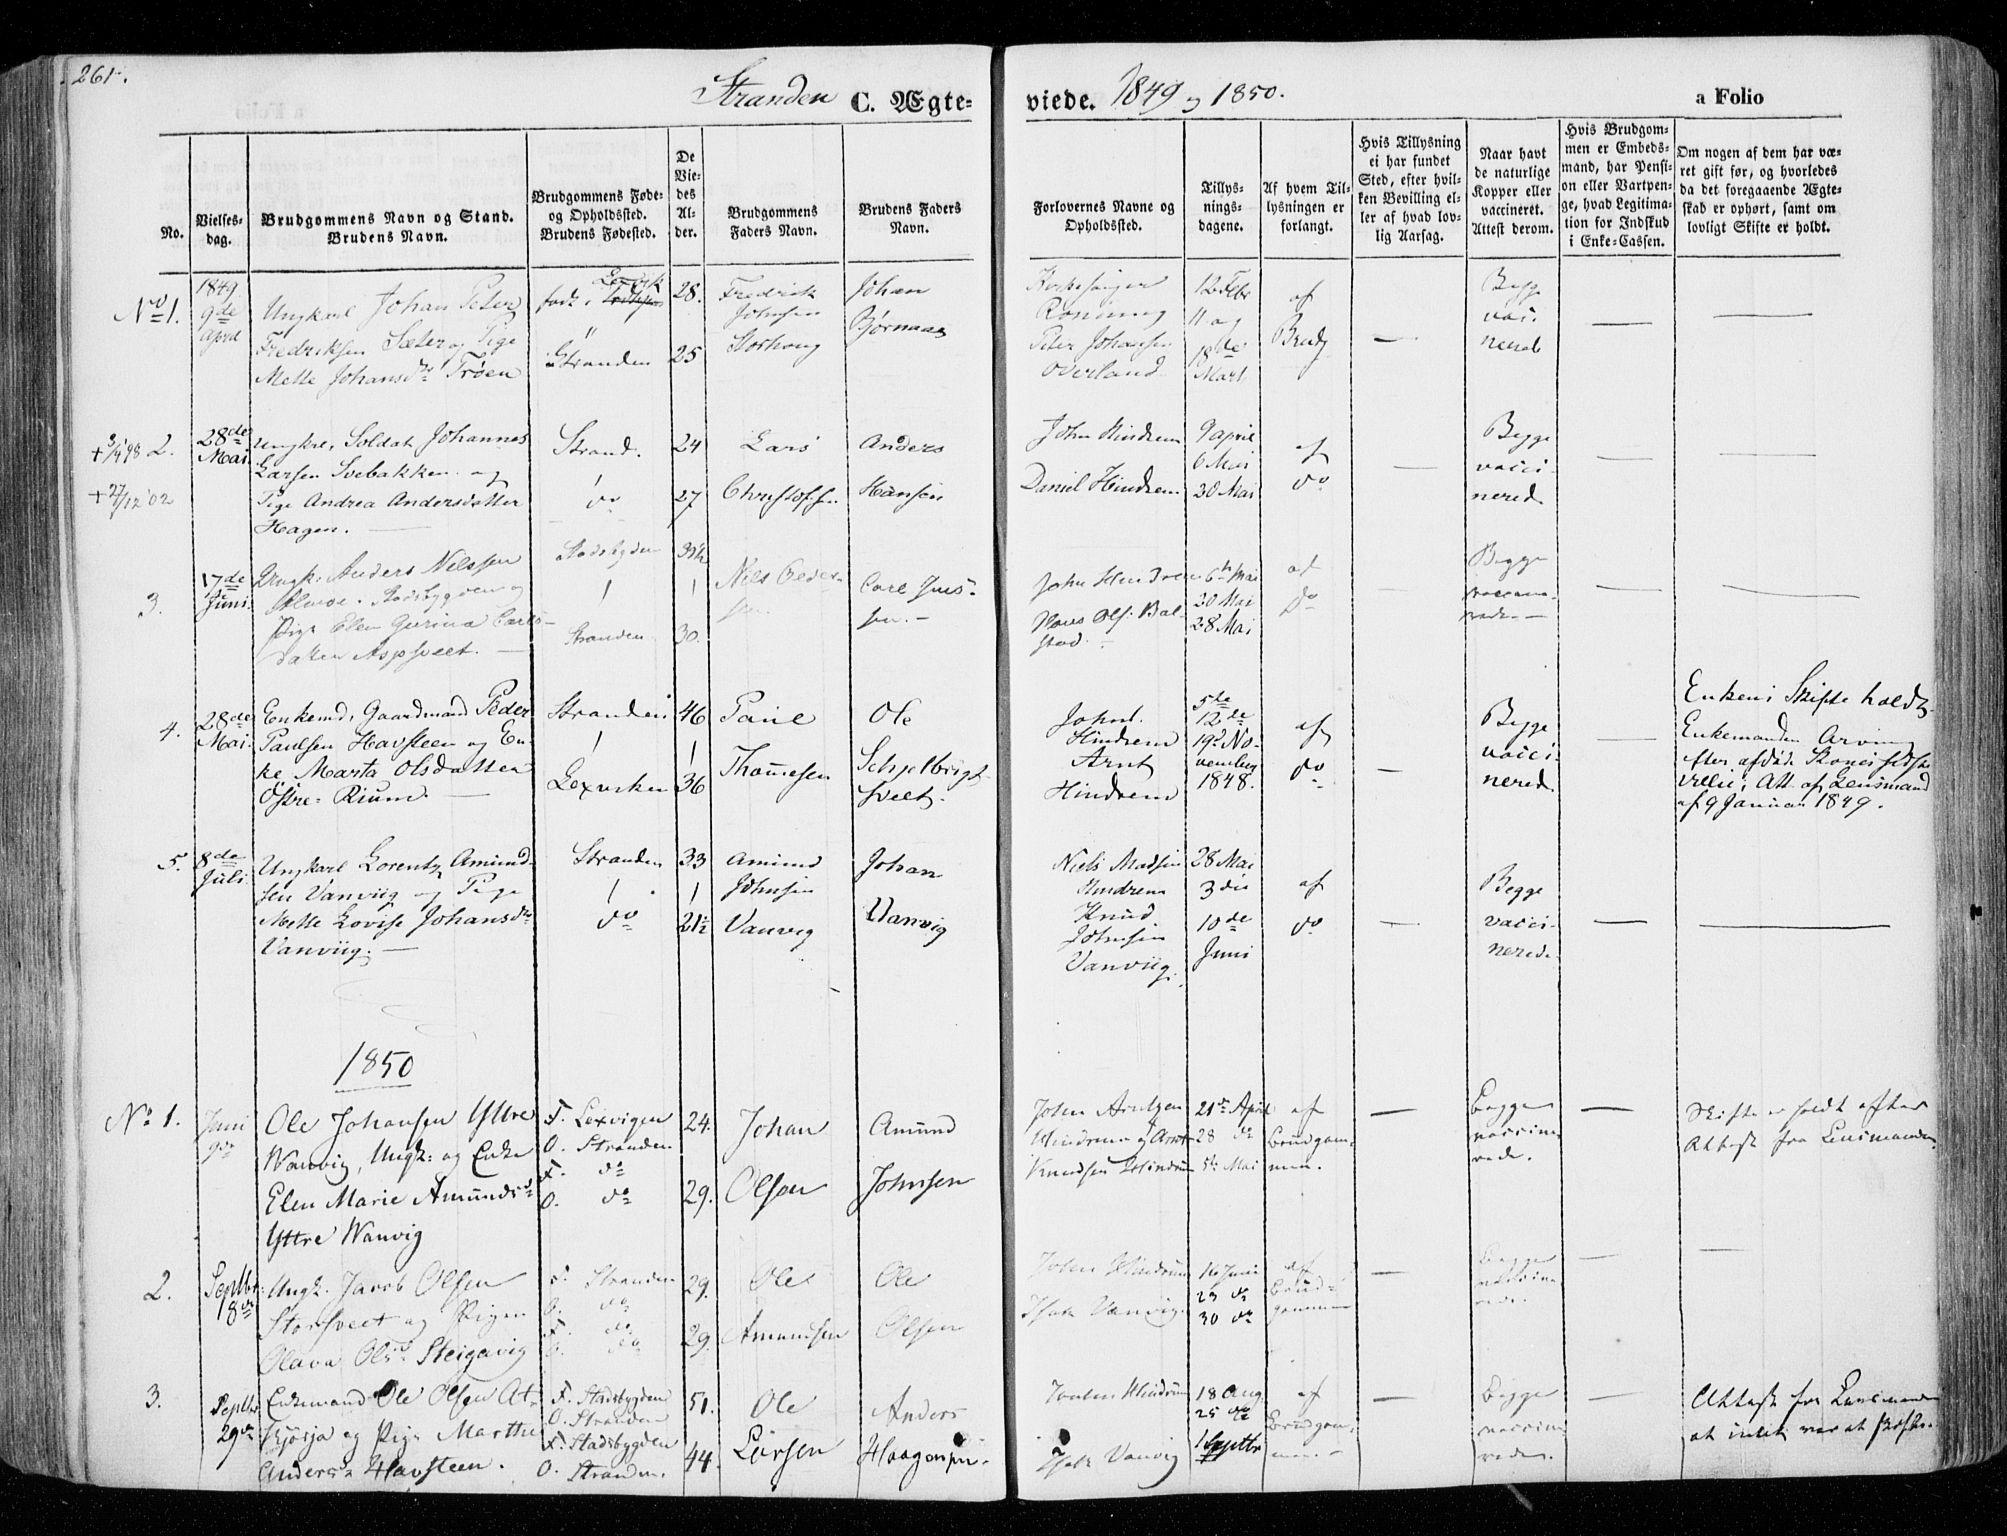 SAT, Ministerialprotokoller, klokkerbøker og fødselsregistre - Nord-Trøndelag, 701/L0007: Ministerialbok nr. 701A07 /2, 1842-1854, s. 261